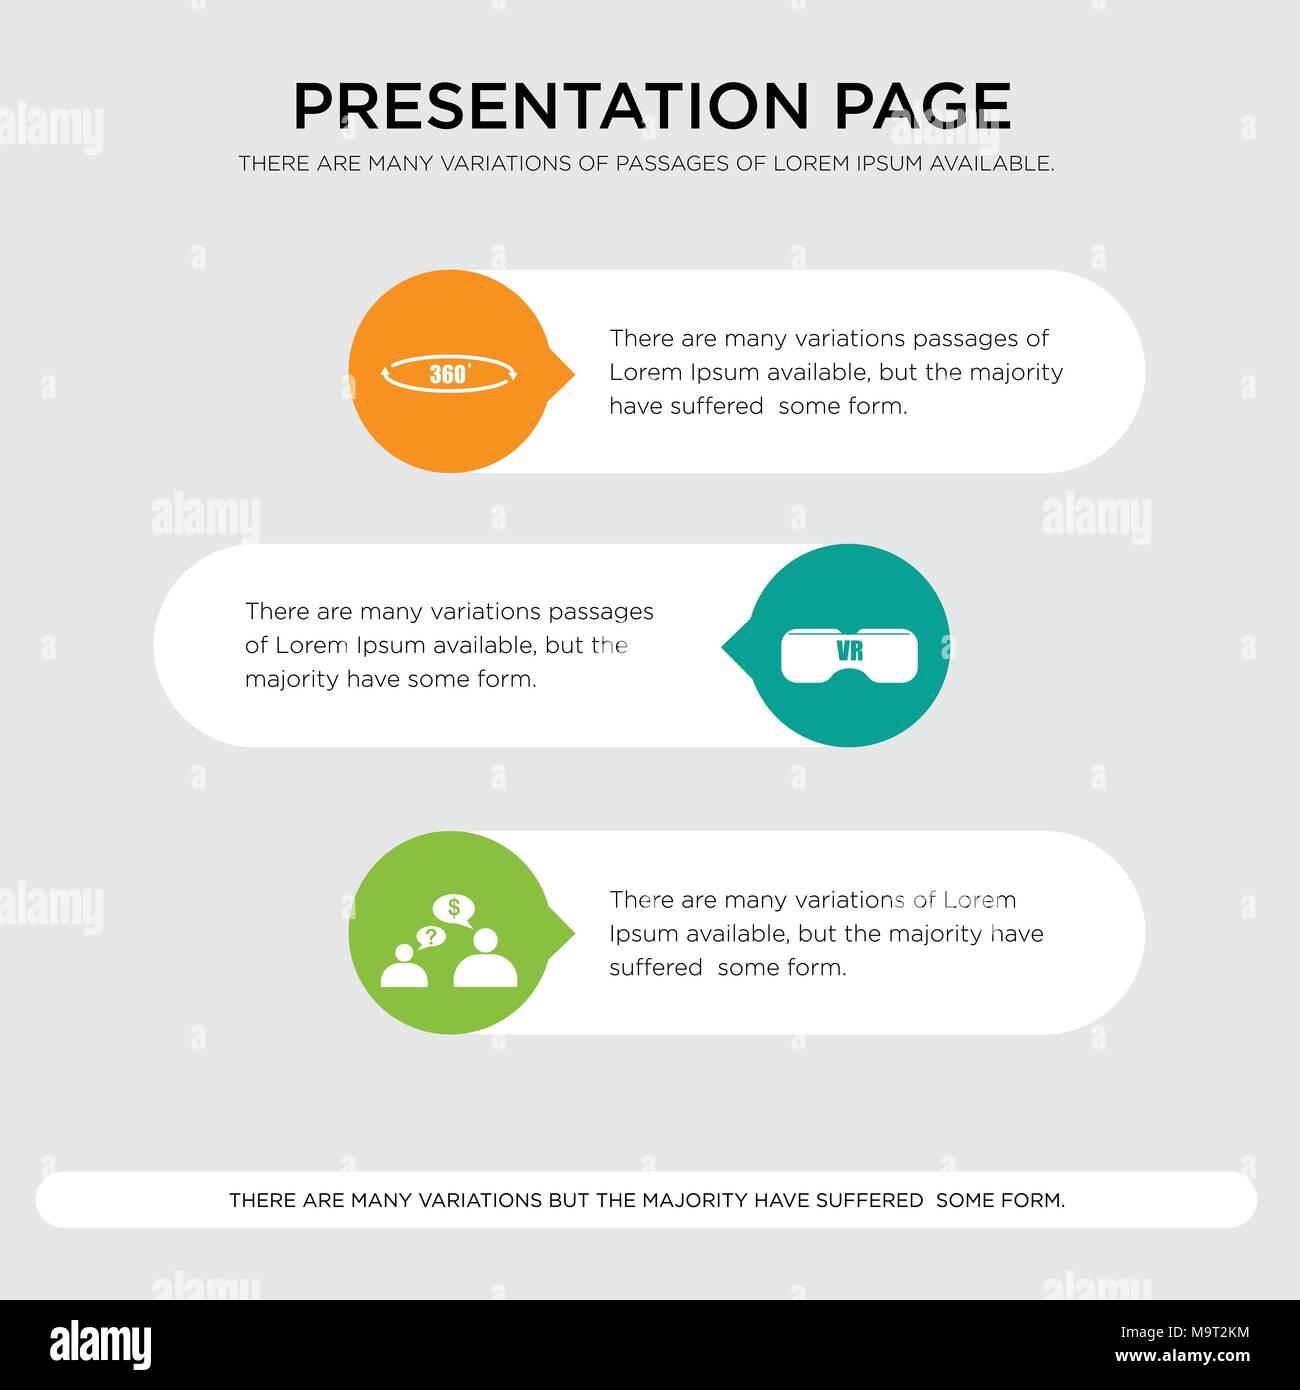 Ein Angebot Anfordern Vr Headset 360 Presentation Design Vorlage